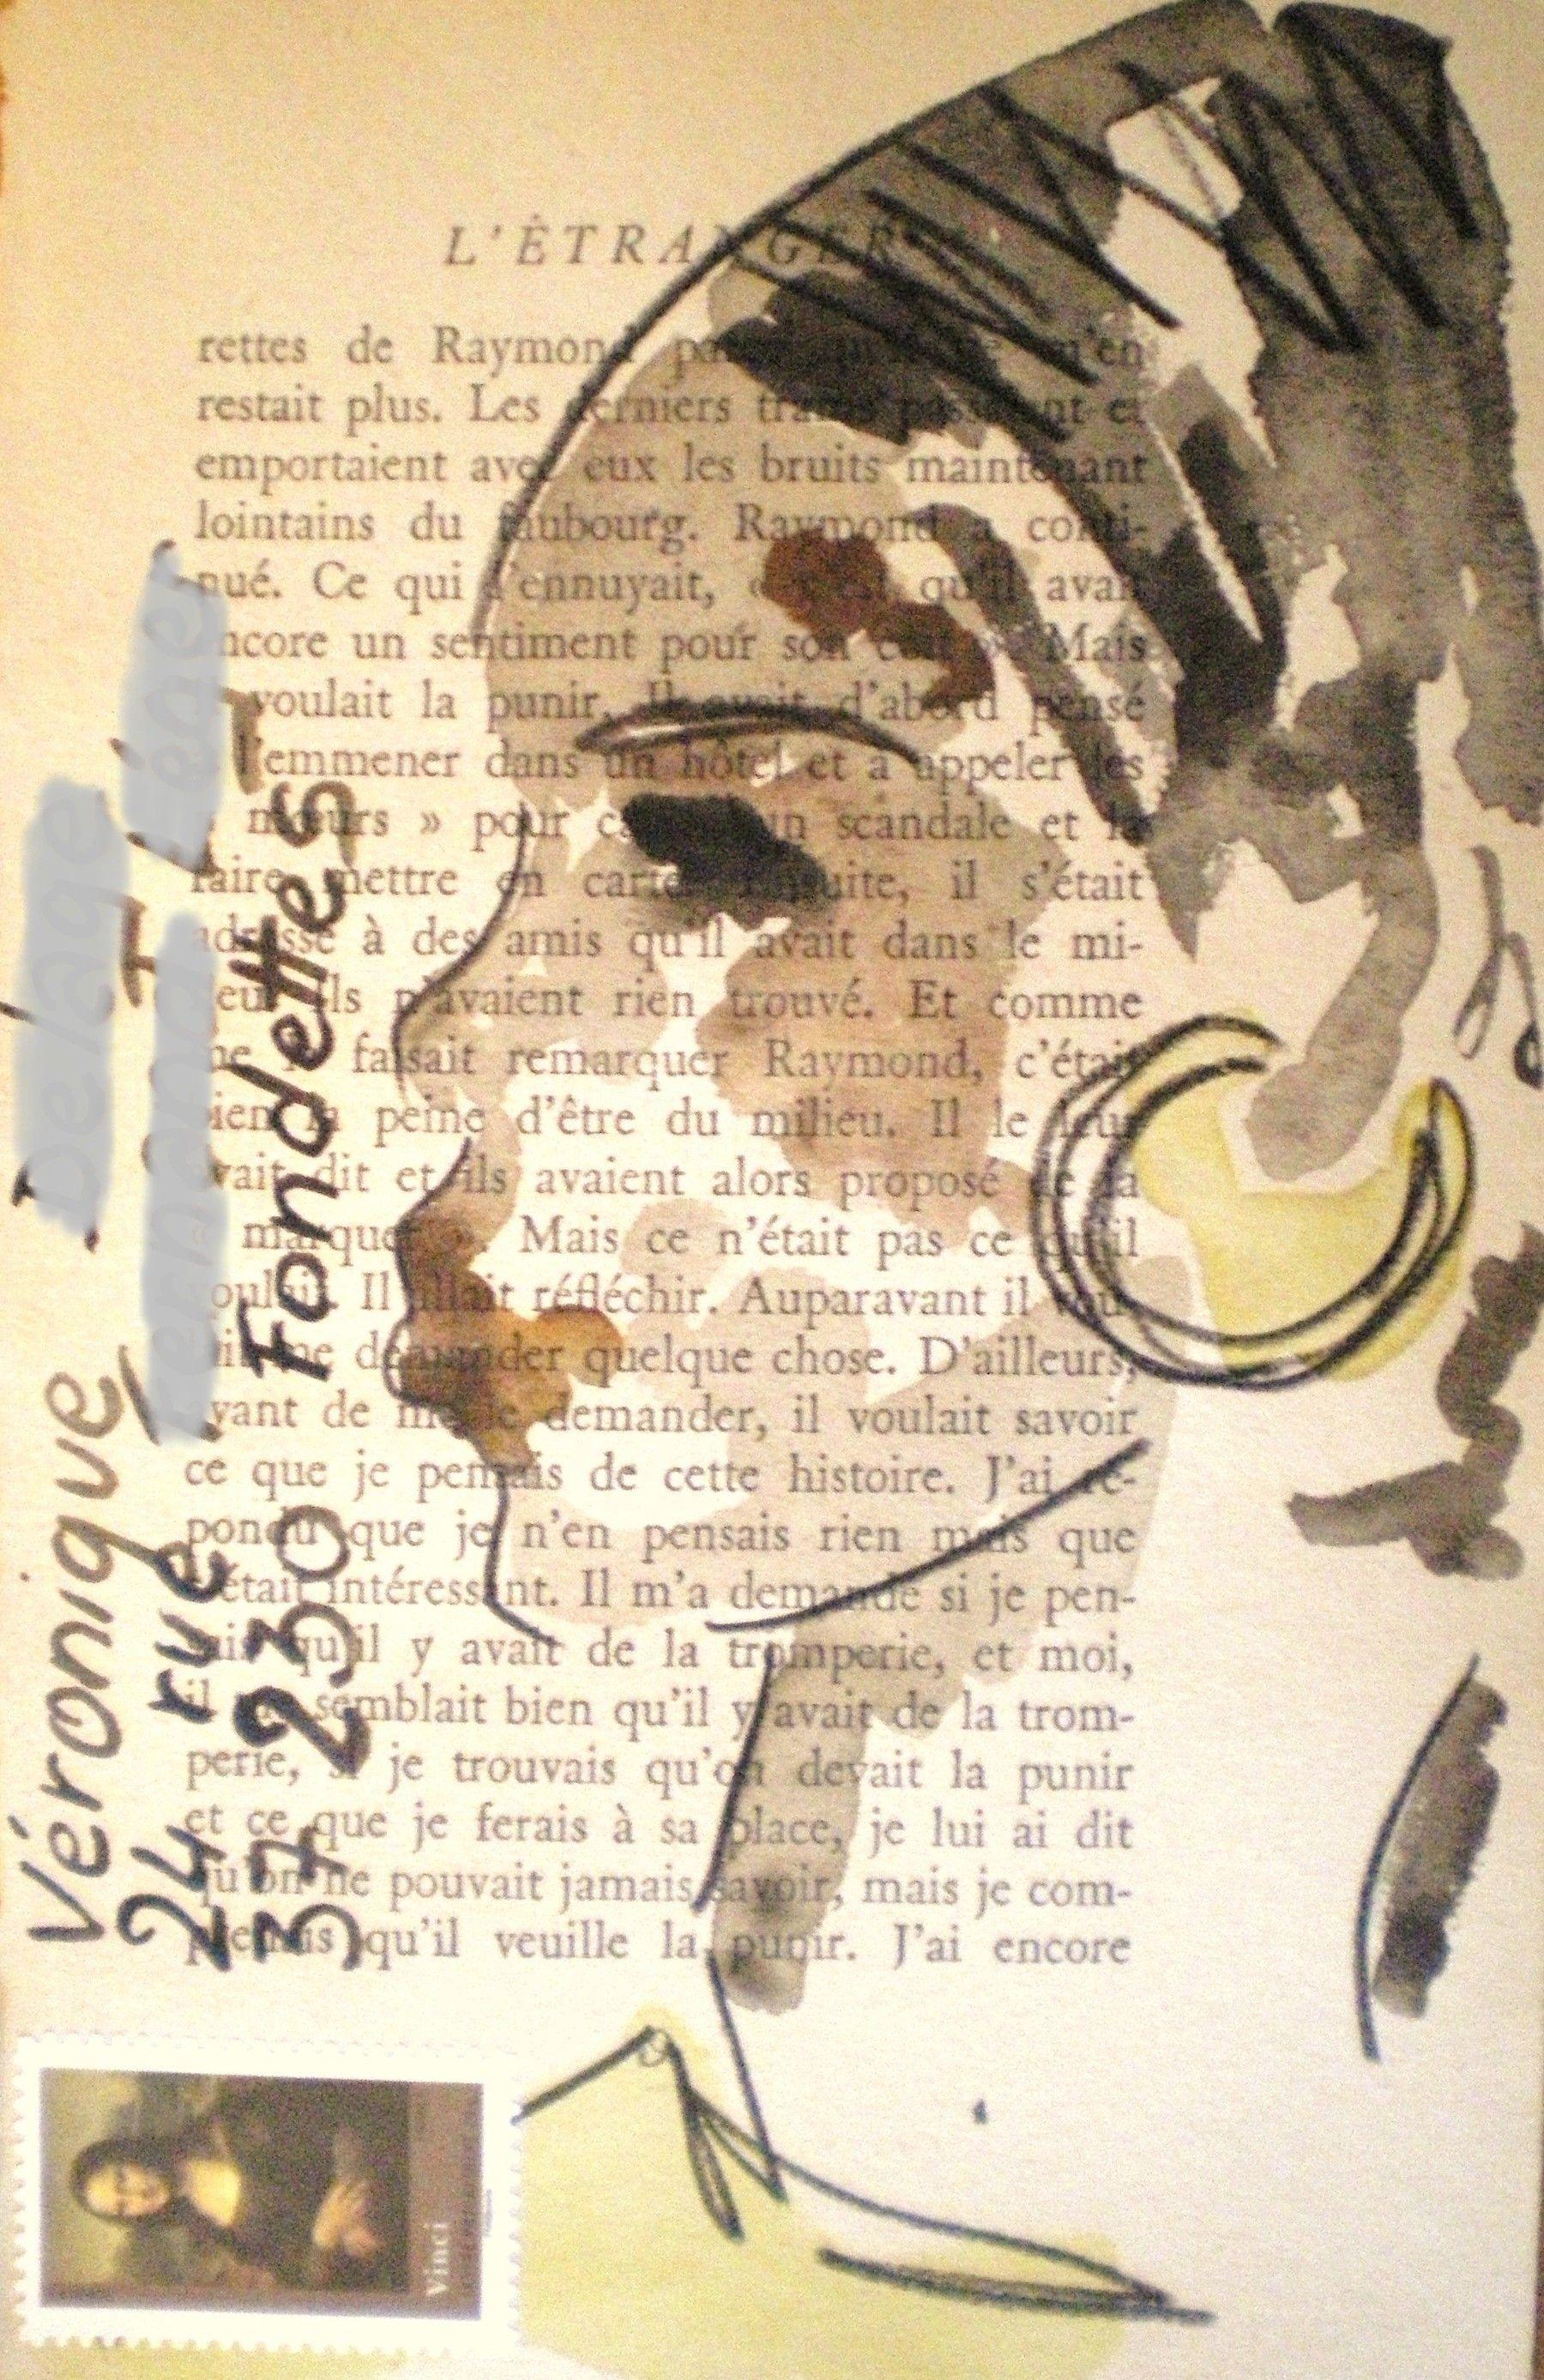 Art Postal Sur Page De Vieux Livre Pages De Vieux Livres Vieux